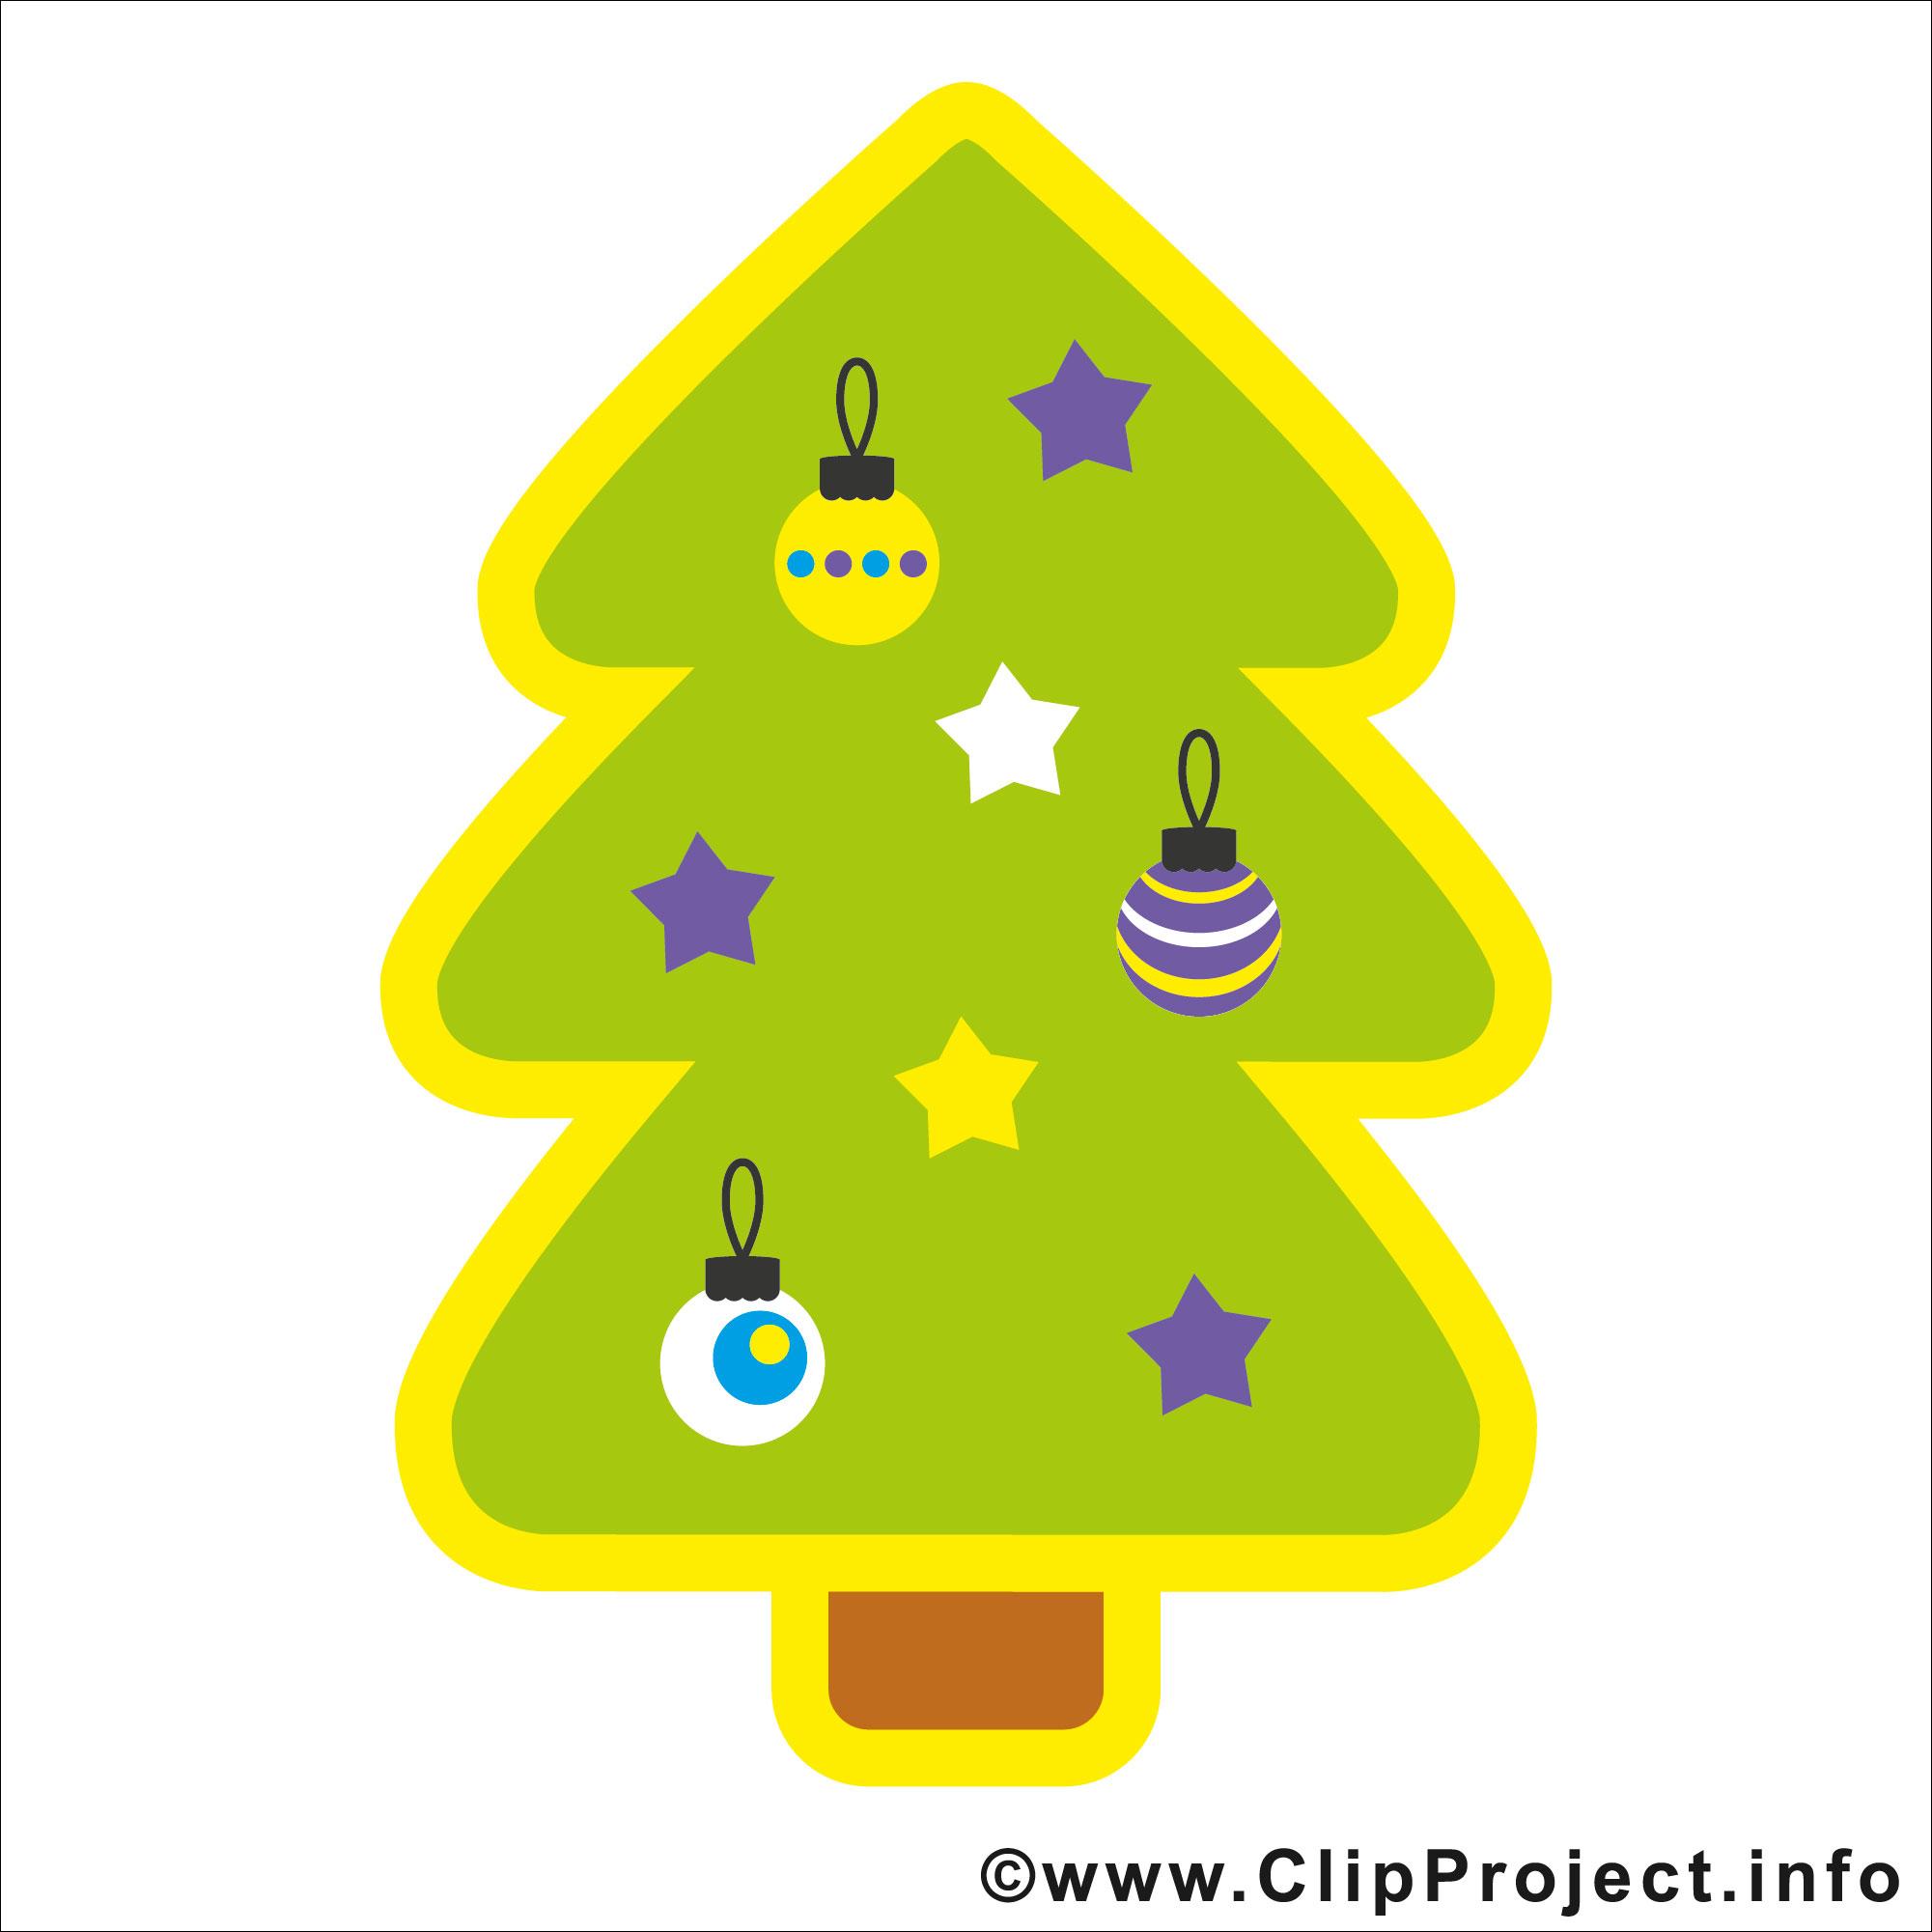 Weihnachtsbild Zum Ausdrucken Kostenlos mit Weihnachtsbilder Zum Ausdrucken Gratis